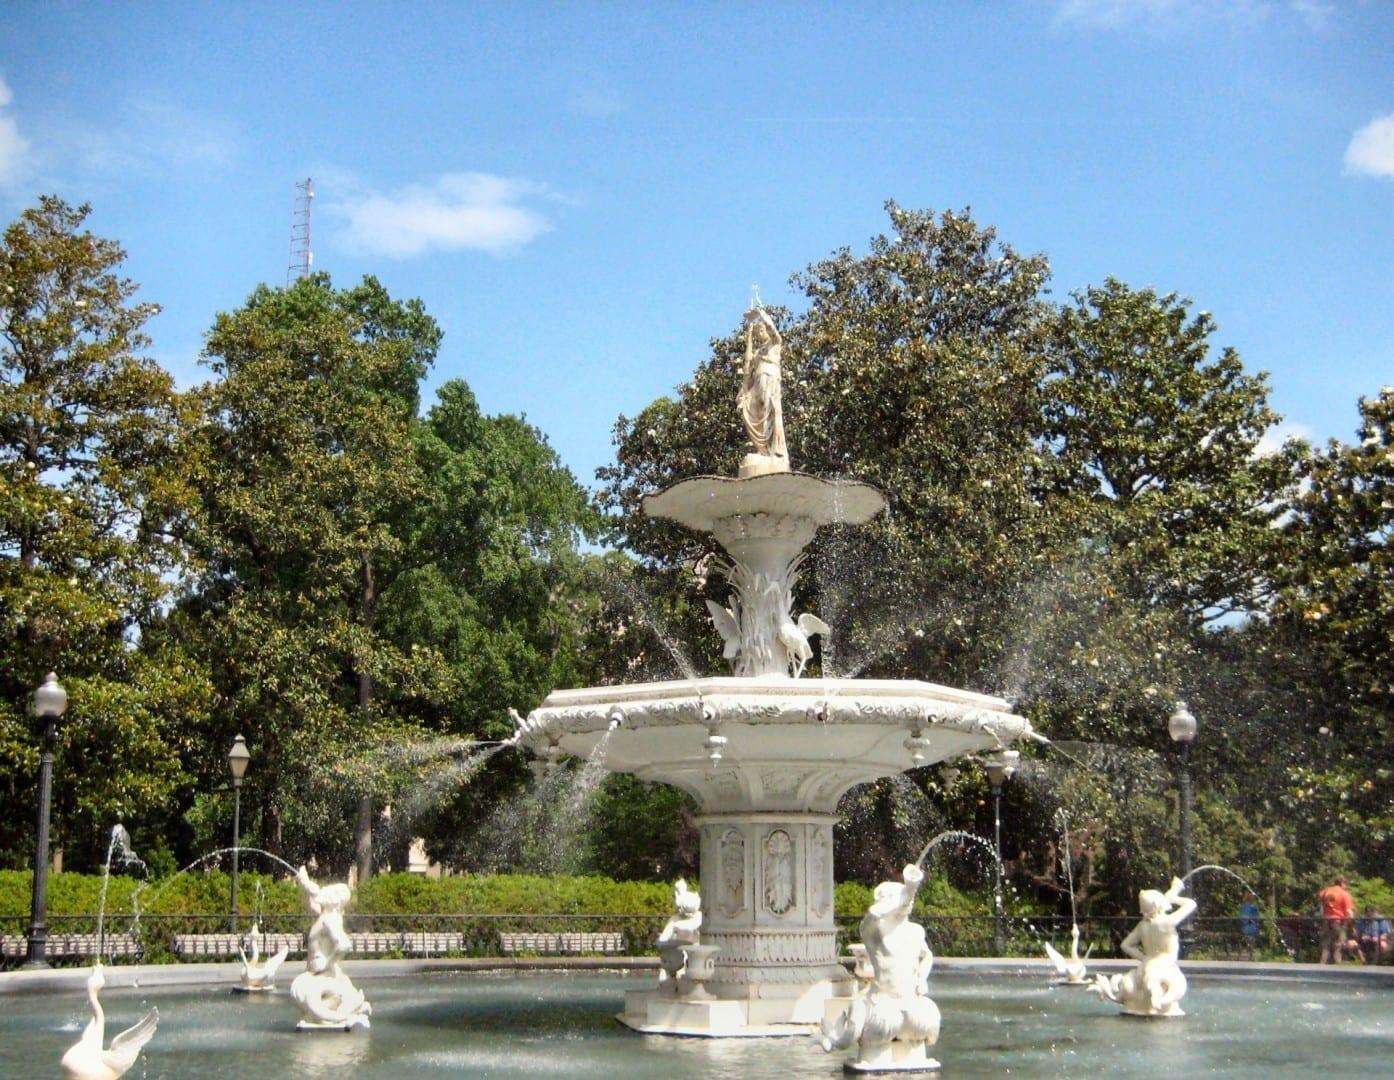 La fuente del Parque Forsyth Savannah GA Estados Unidos